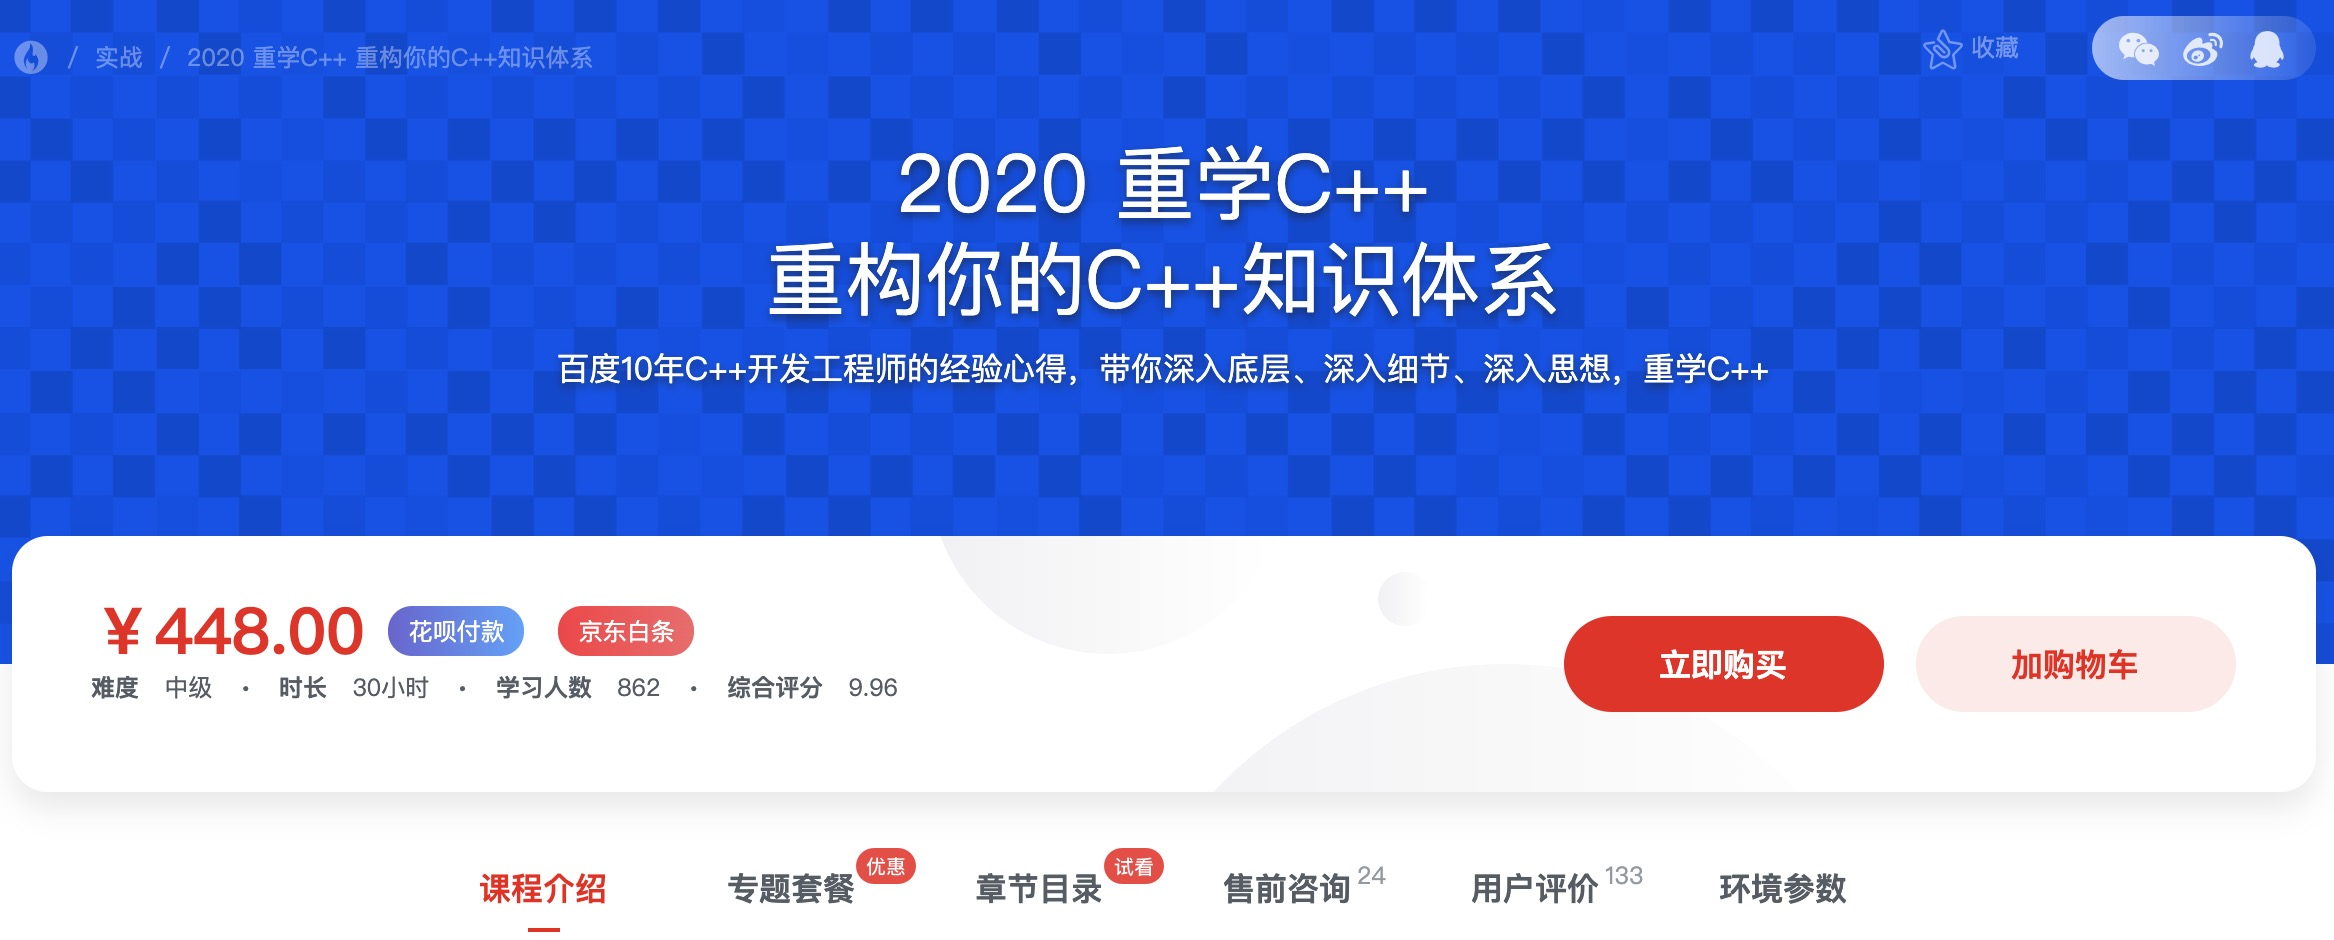 2020 重学C++ 重构你的C++知识体系 完整版